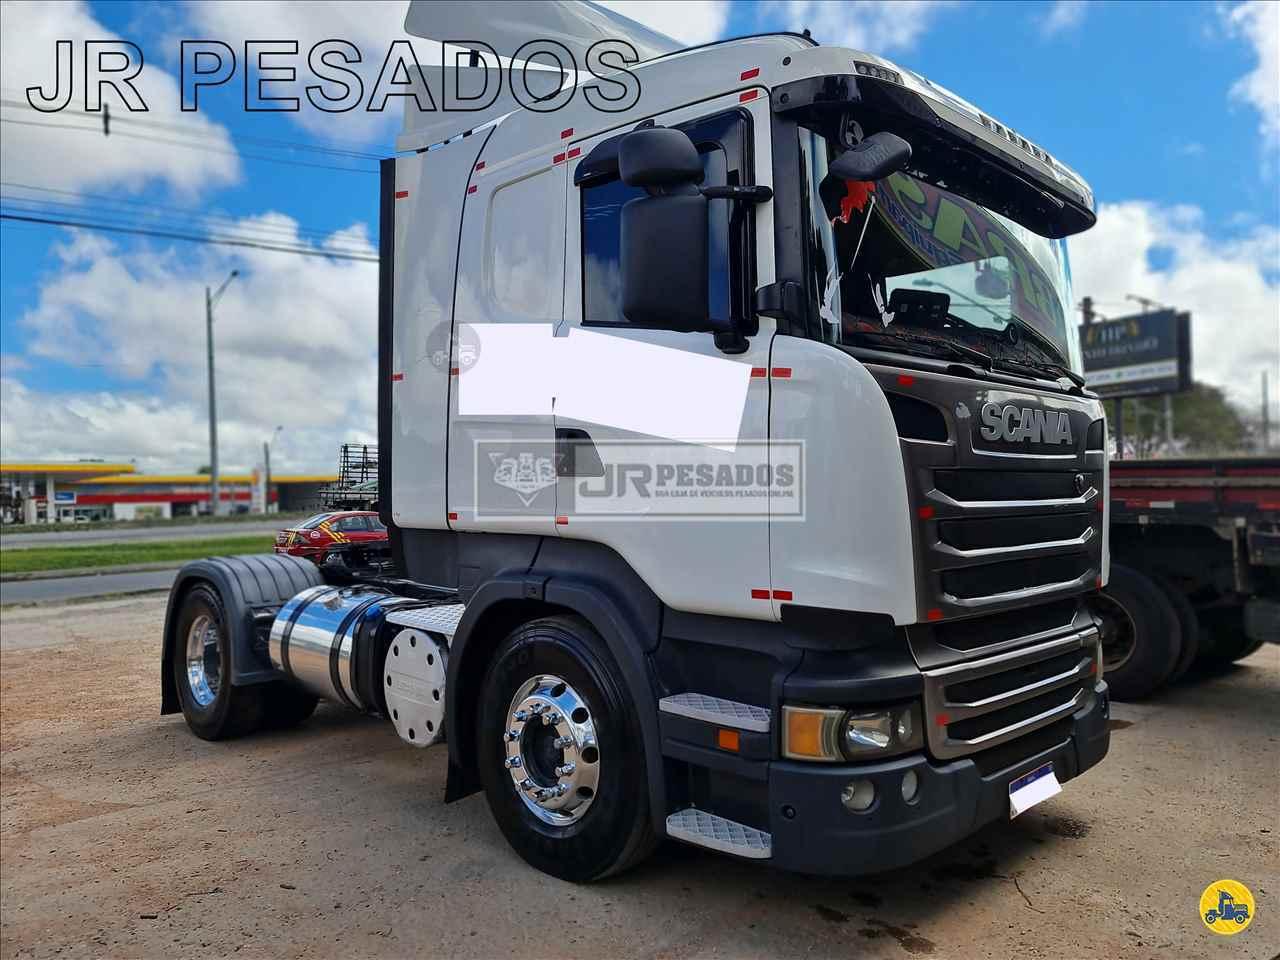 SCANIA 400 de JR Pesados - CURITIBA/PR